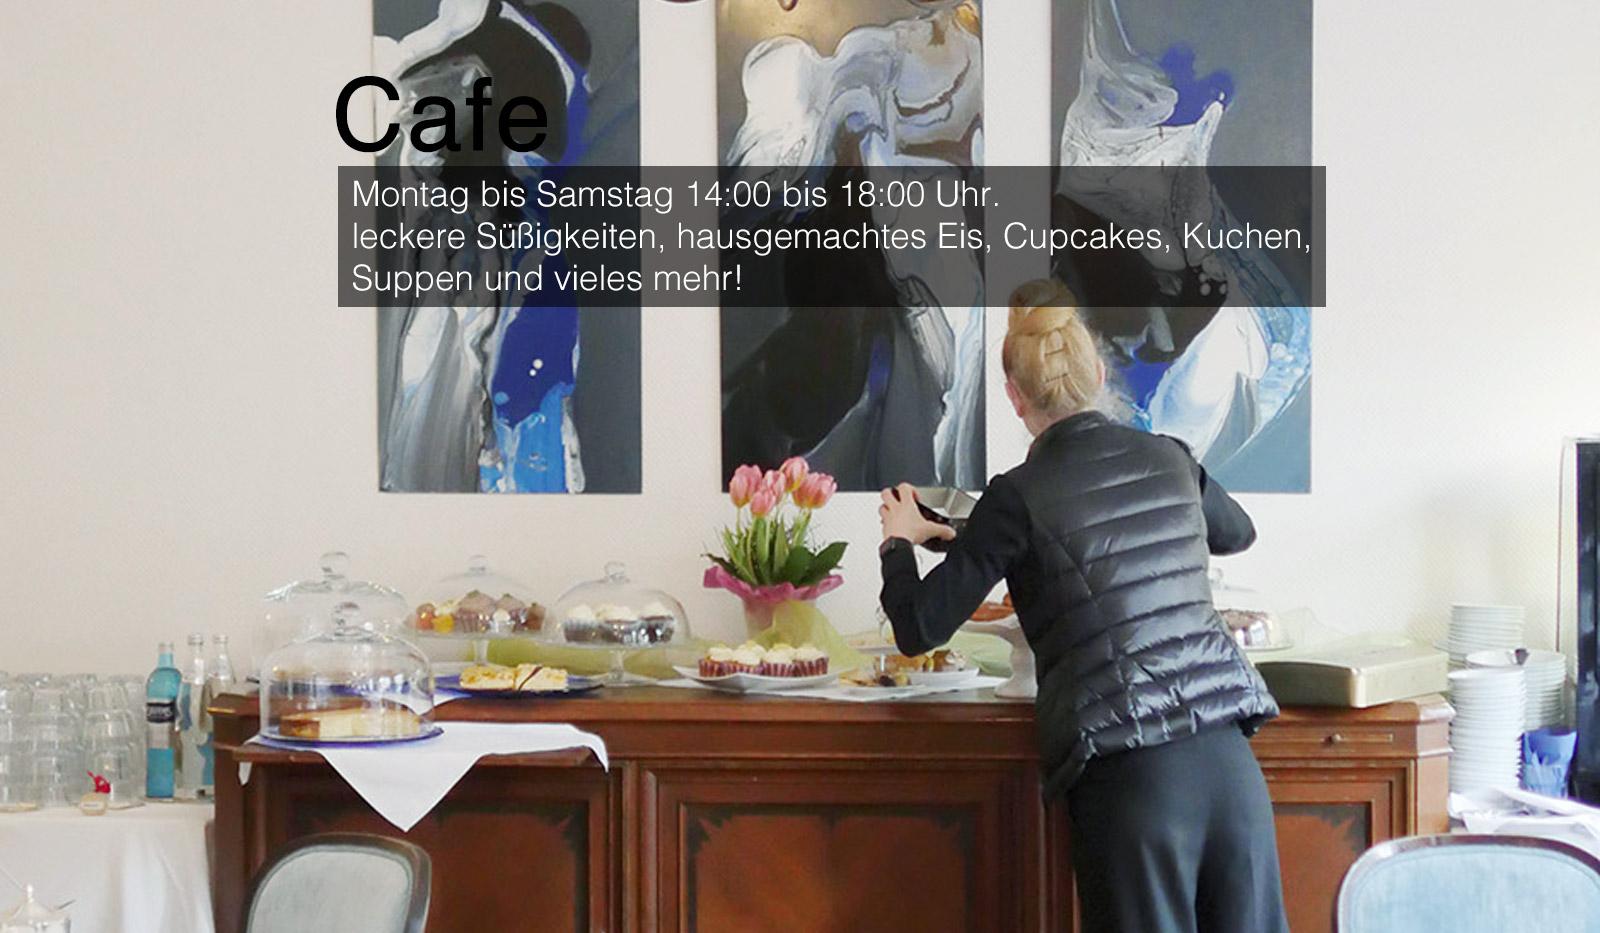 cafe_22_10_v3